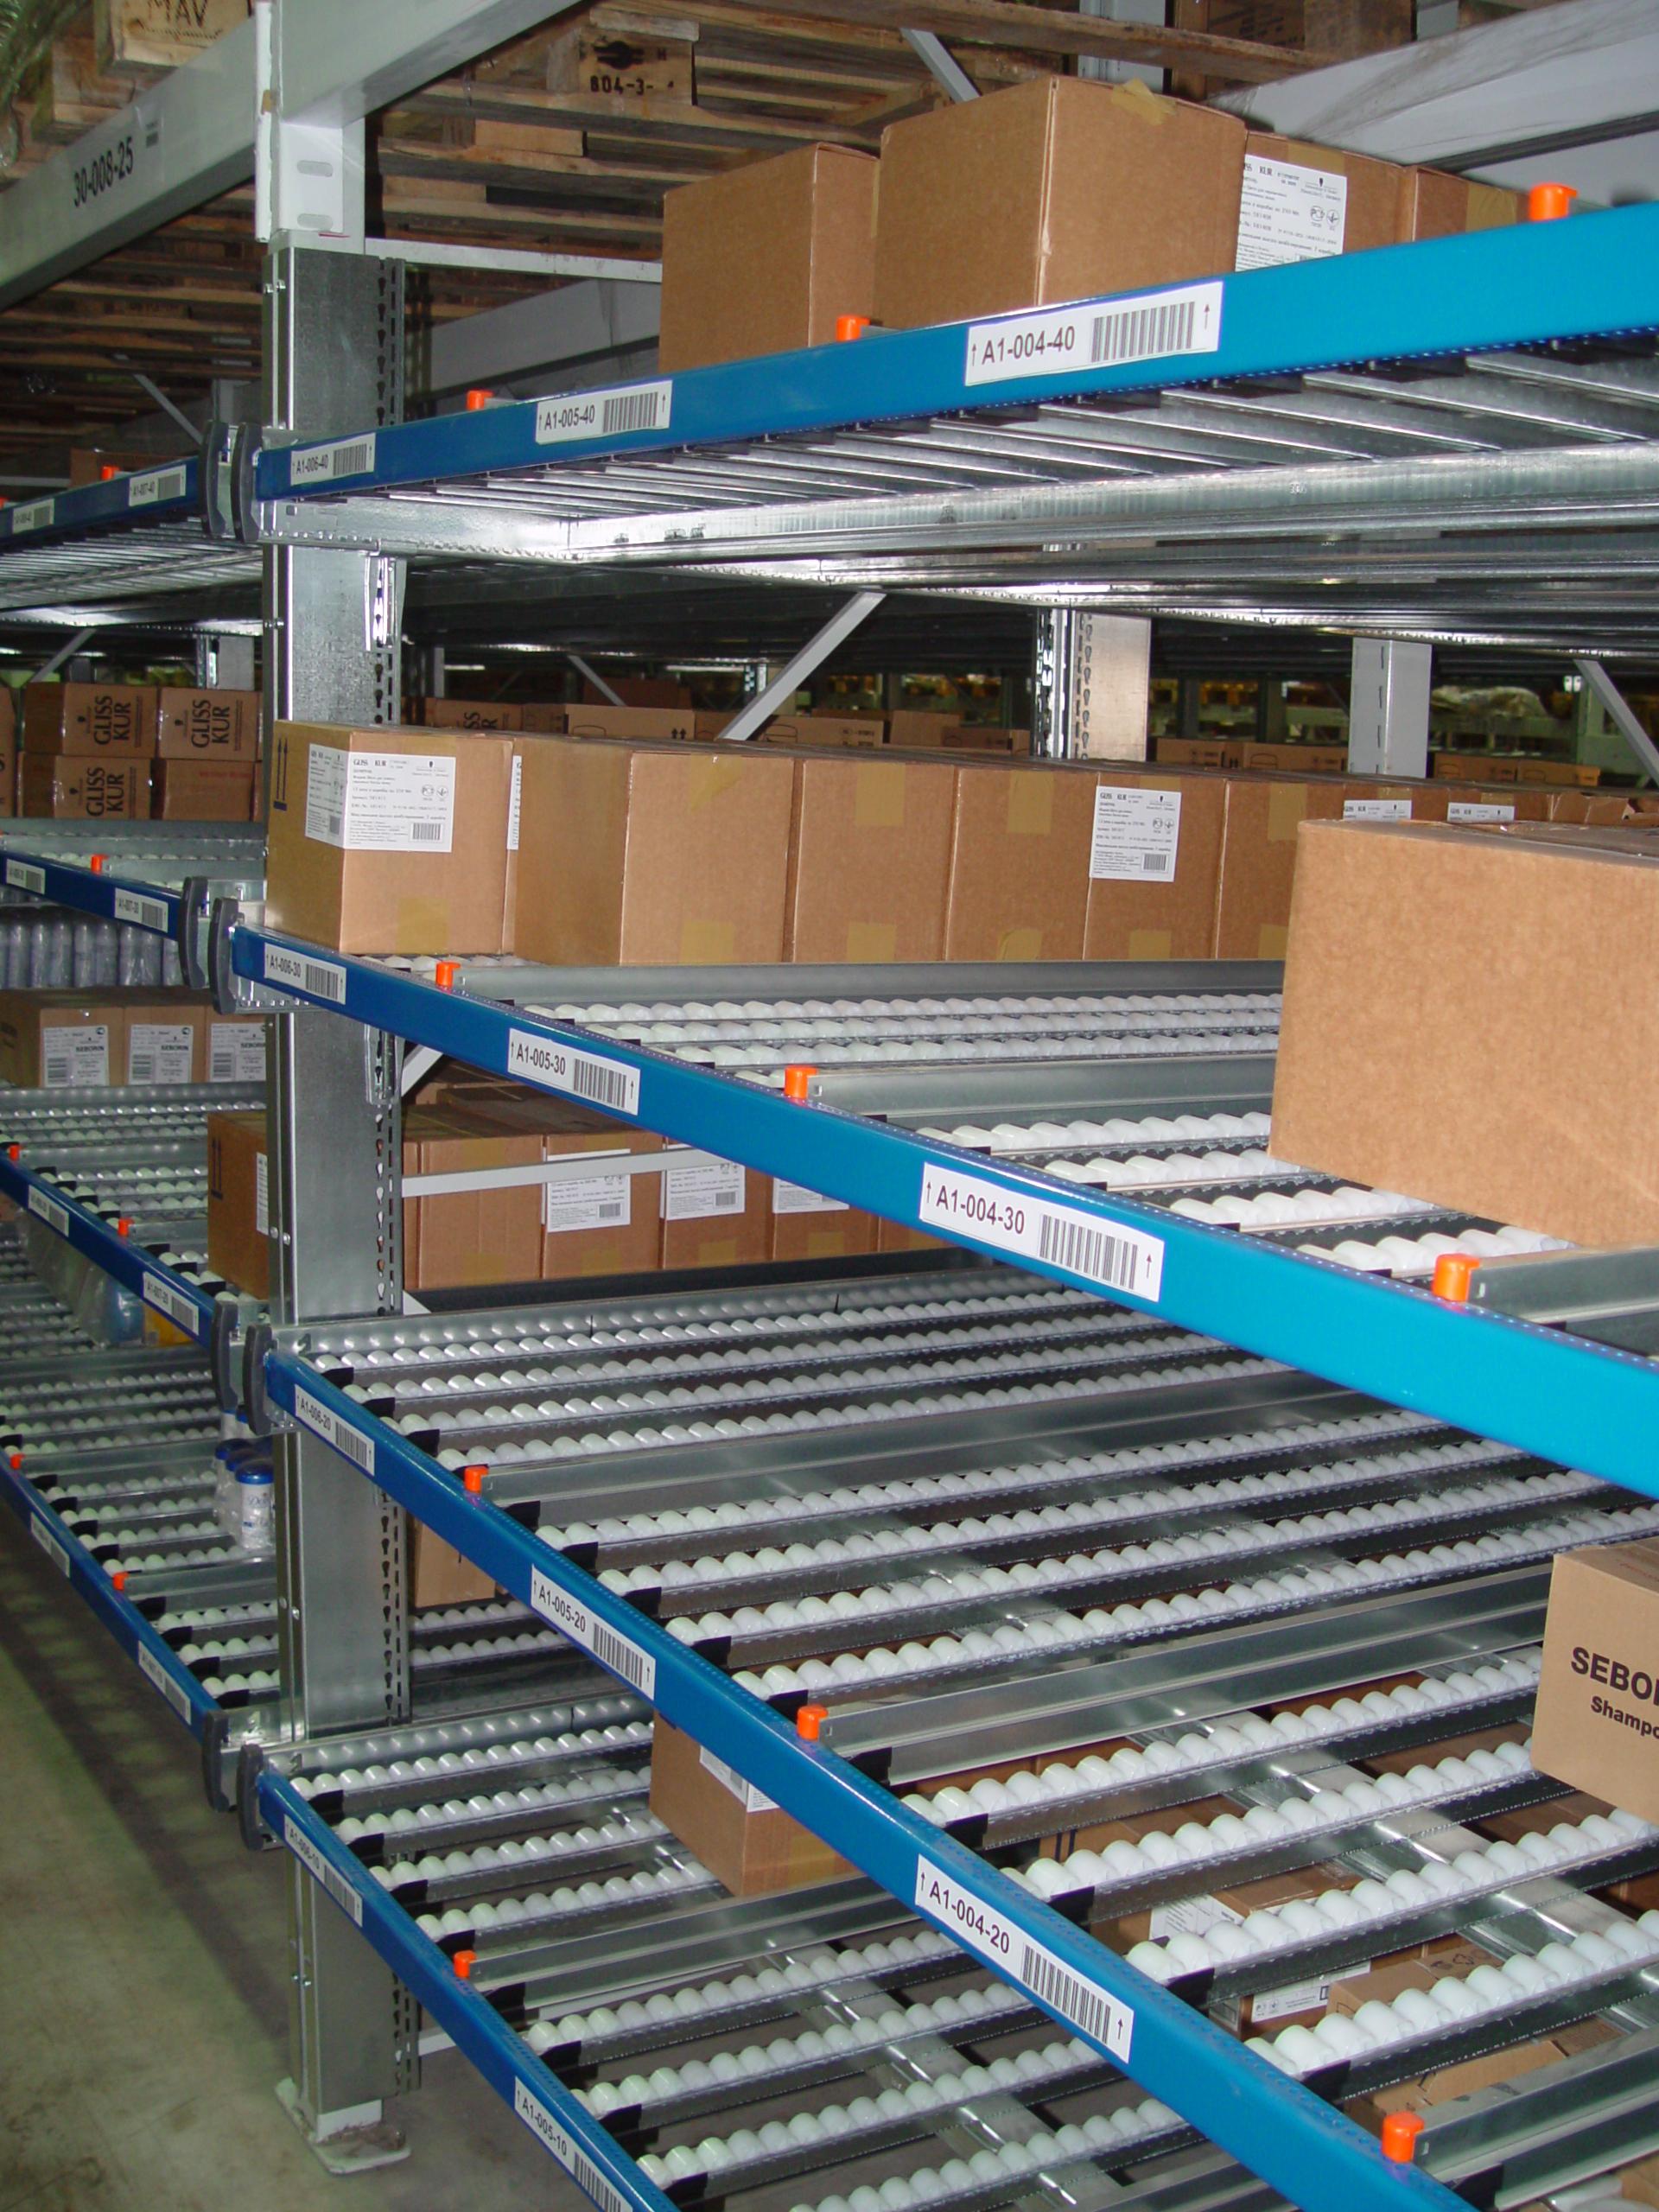 схема приема складирования и отгрузки